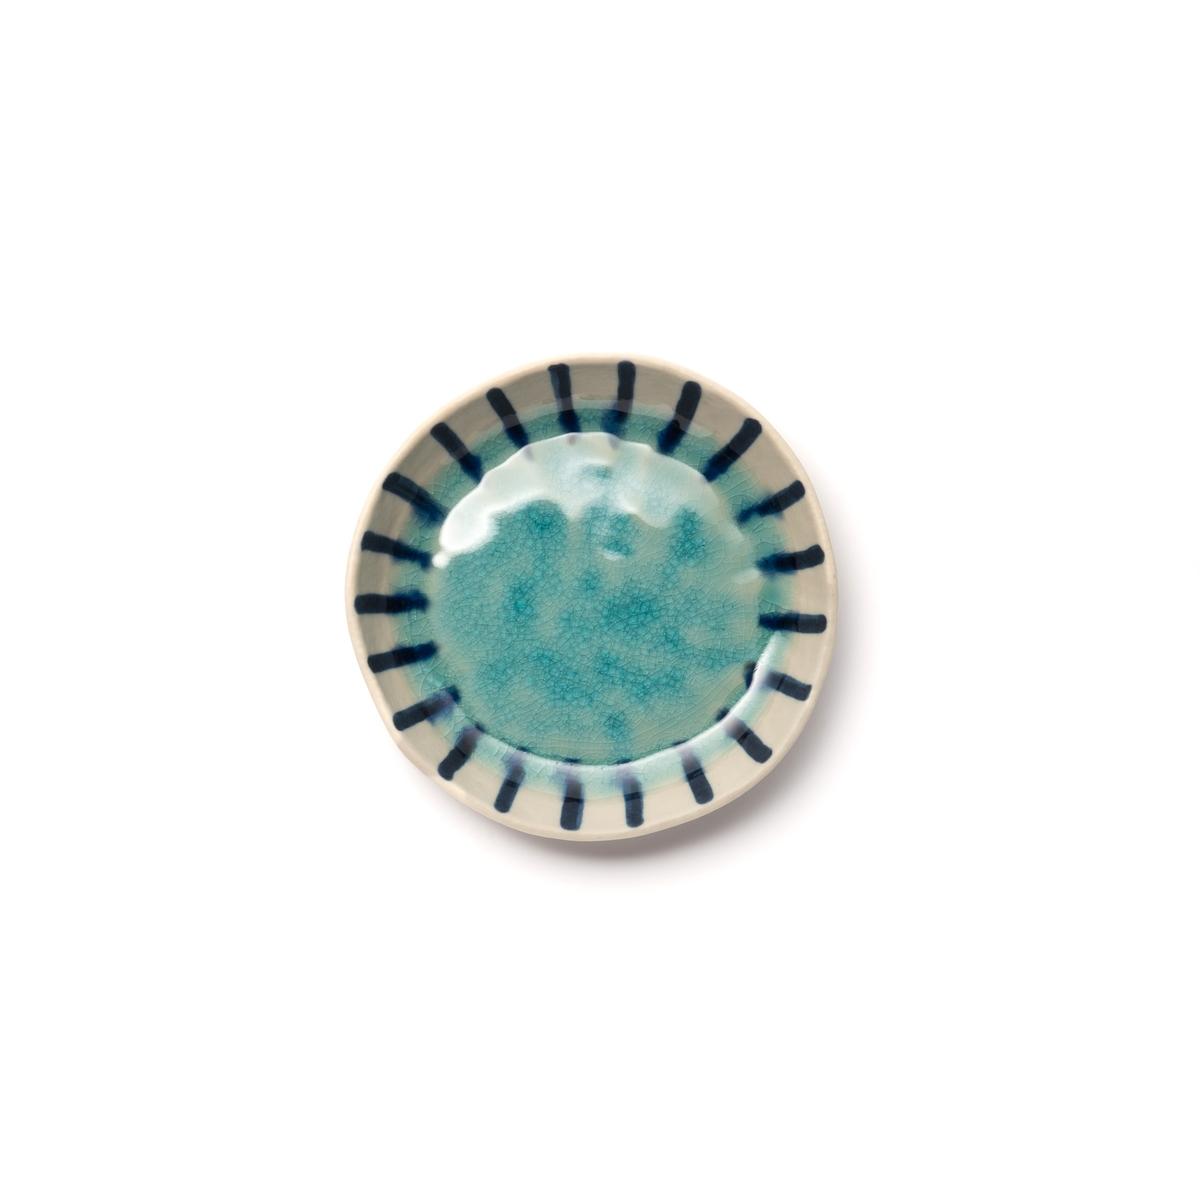 Пиала La Redoute Из керамики покрытой глазурью Asato единый размер синий